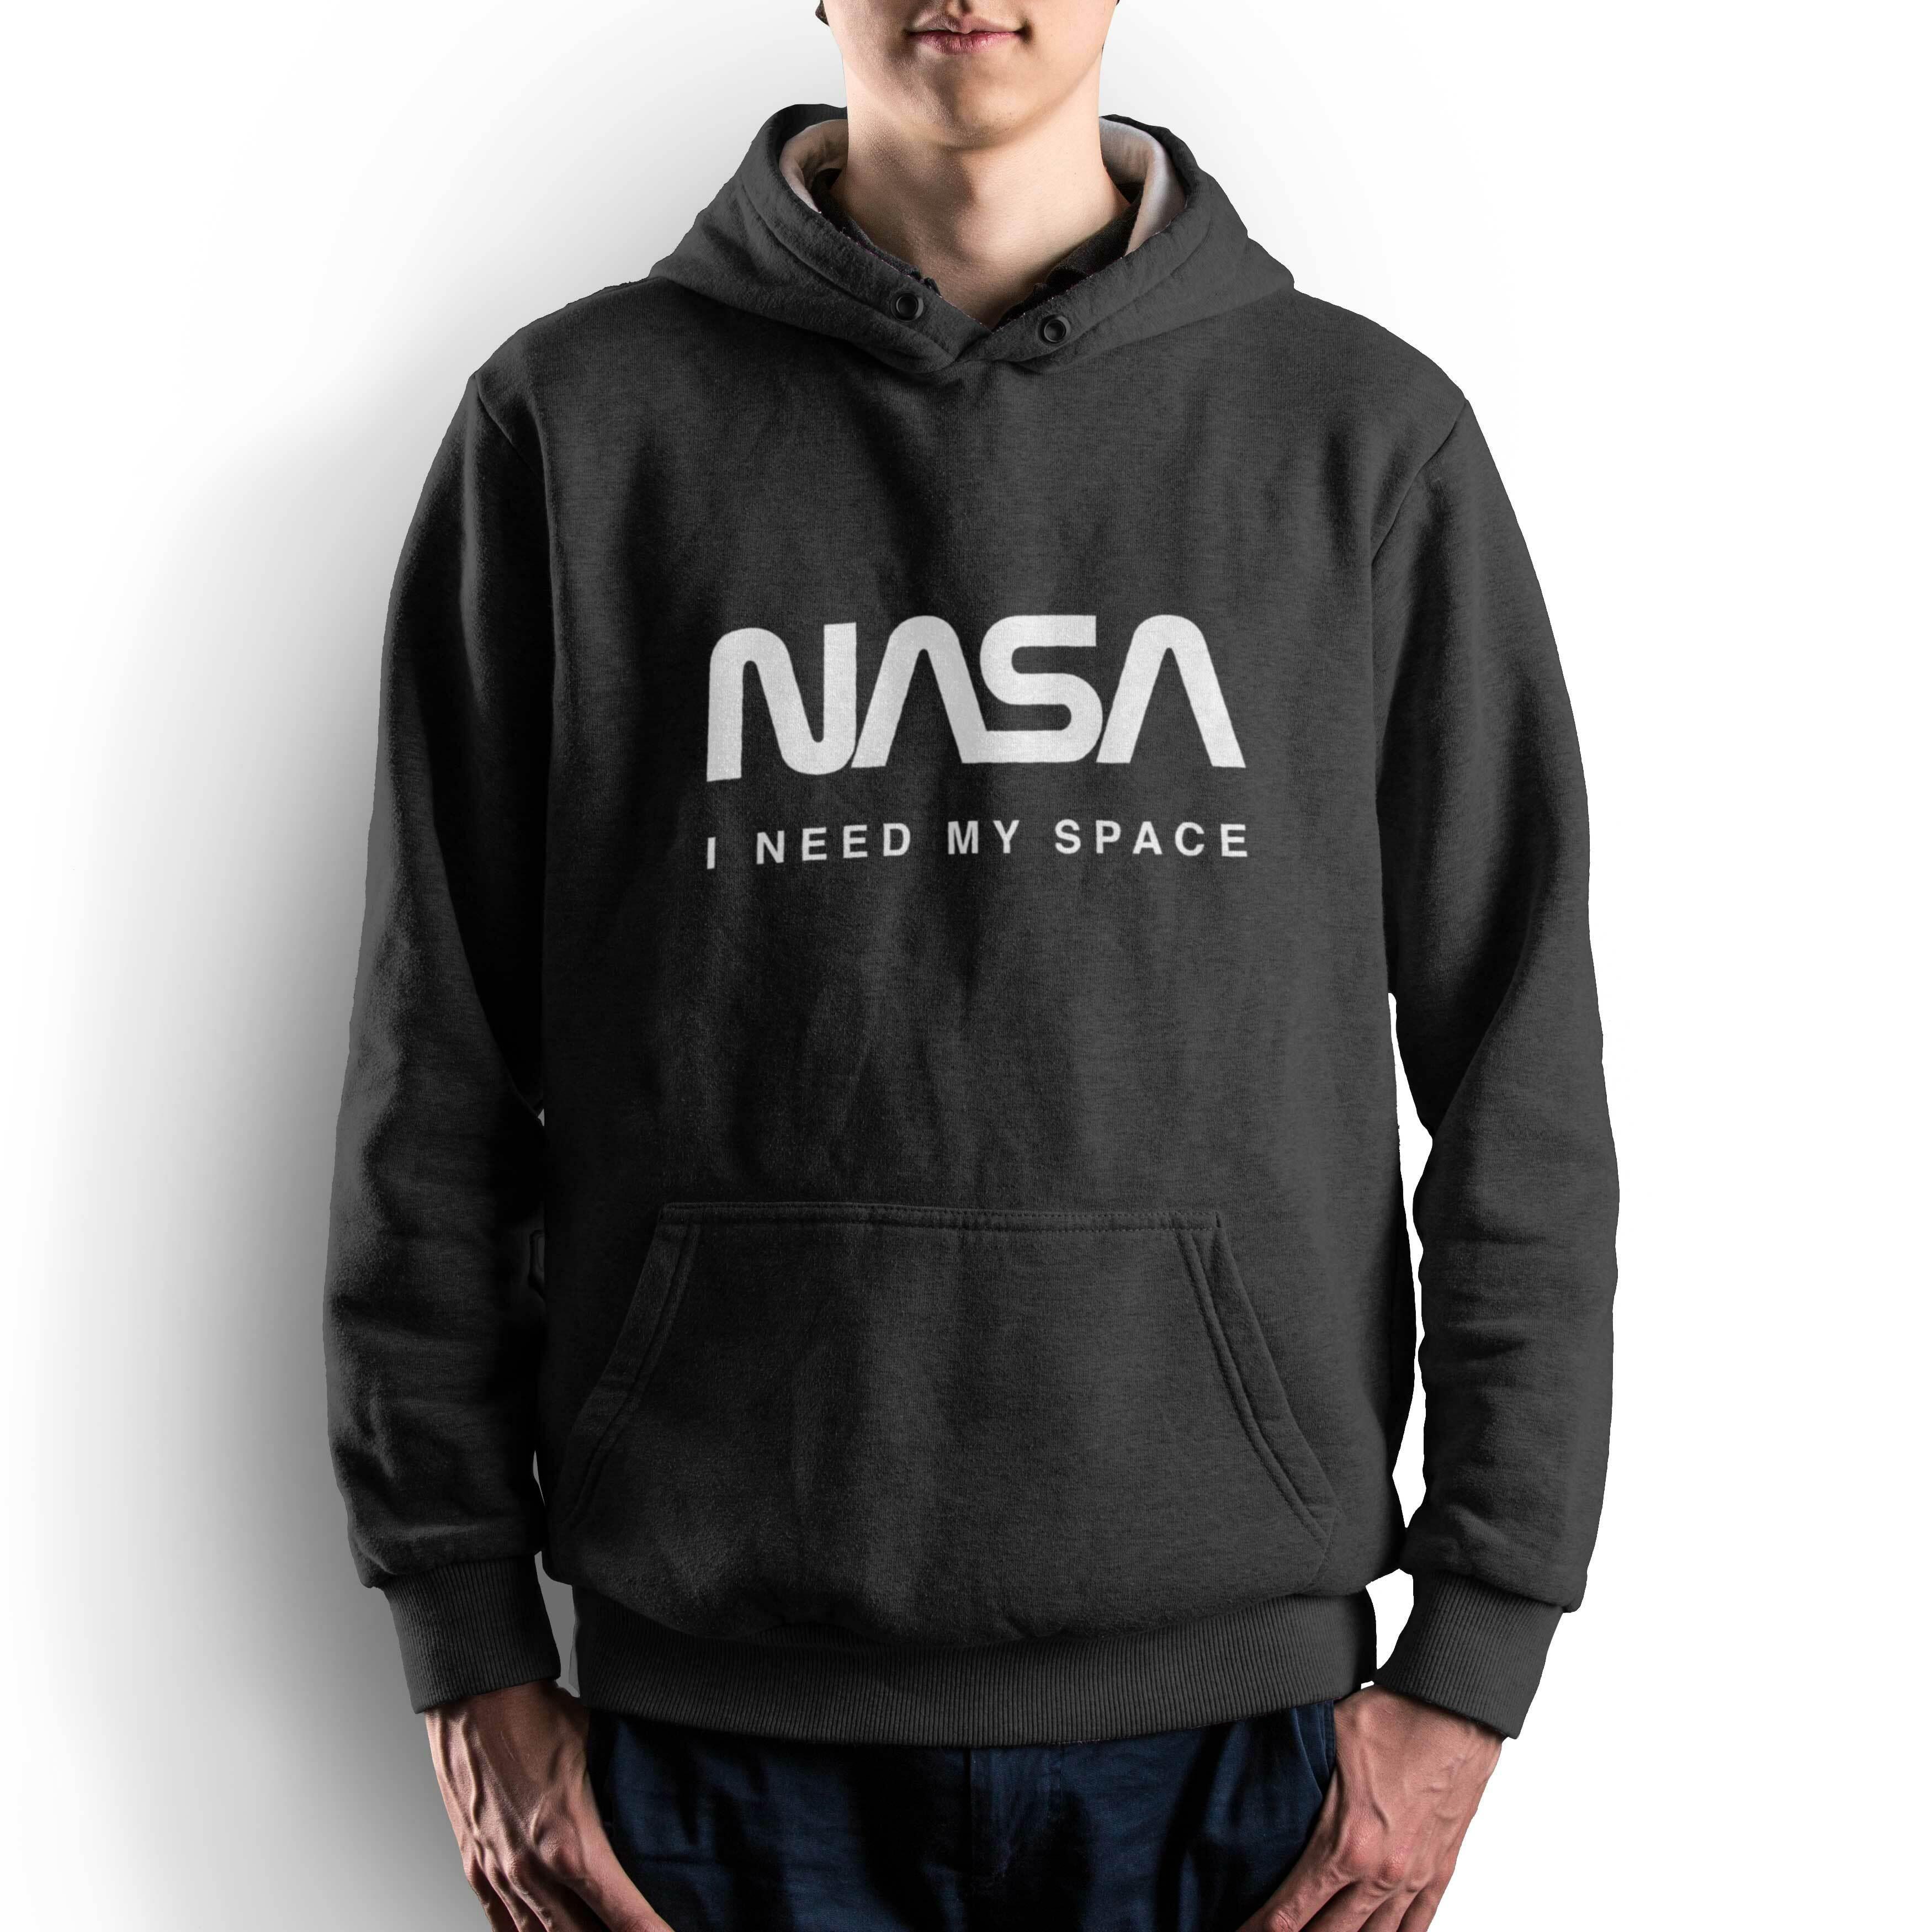 NASA公認(アメリカ航空宇宙局)・パーカー・JERZEES(ジャージーズ)ボディ・ロゴタイプ(ワーム)・ブラック